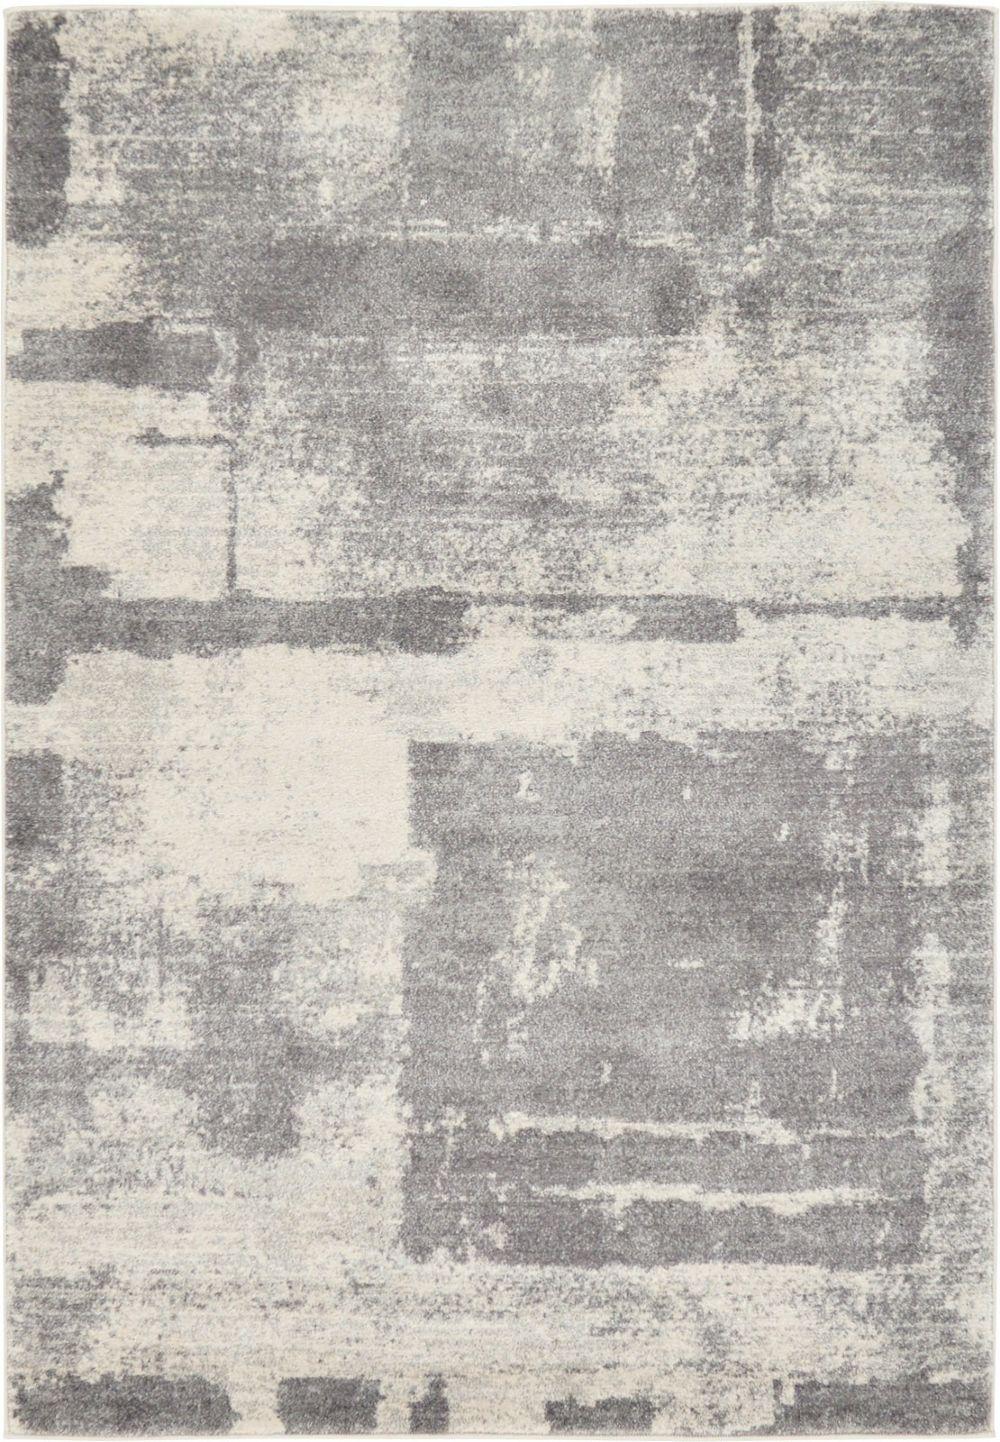 rugpal kasha traditional area rug collection